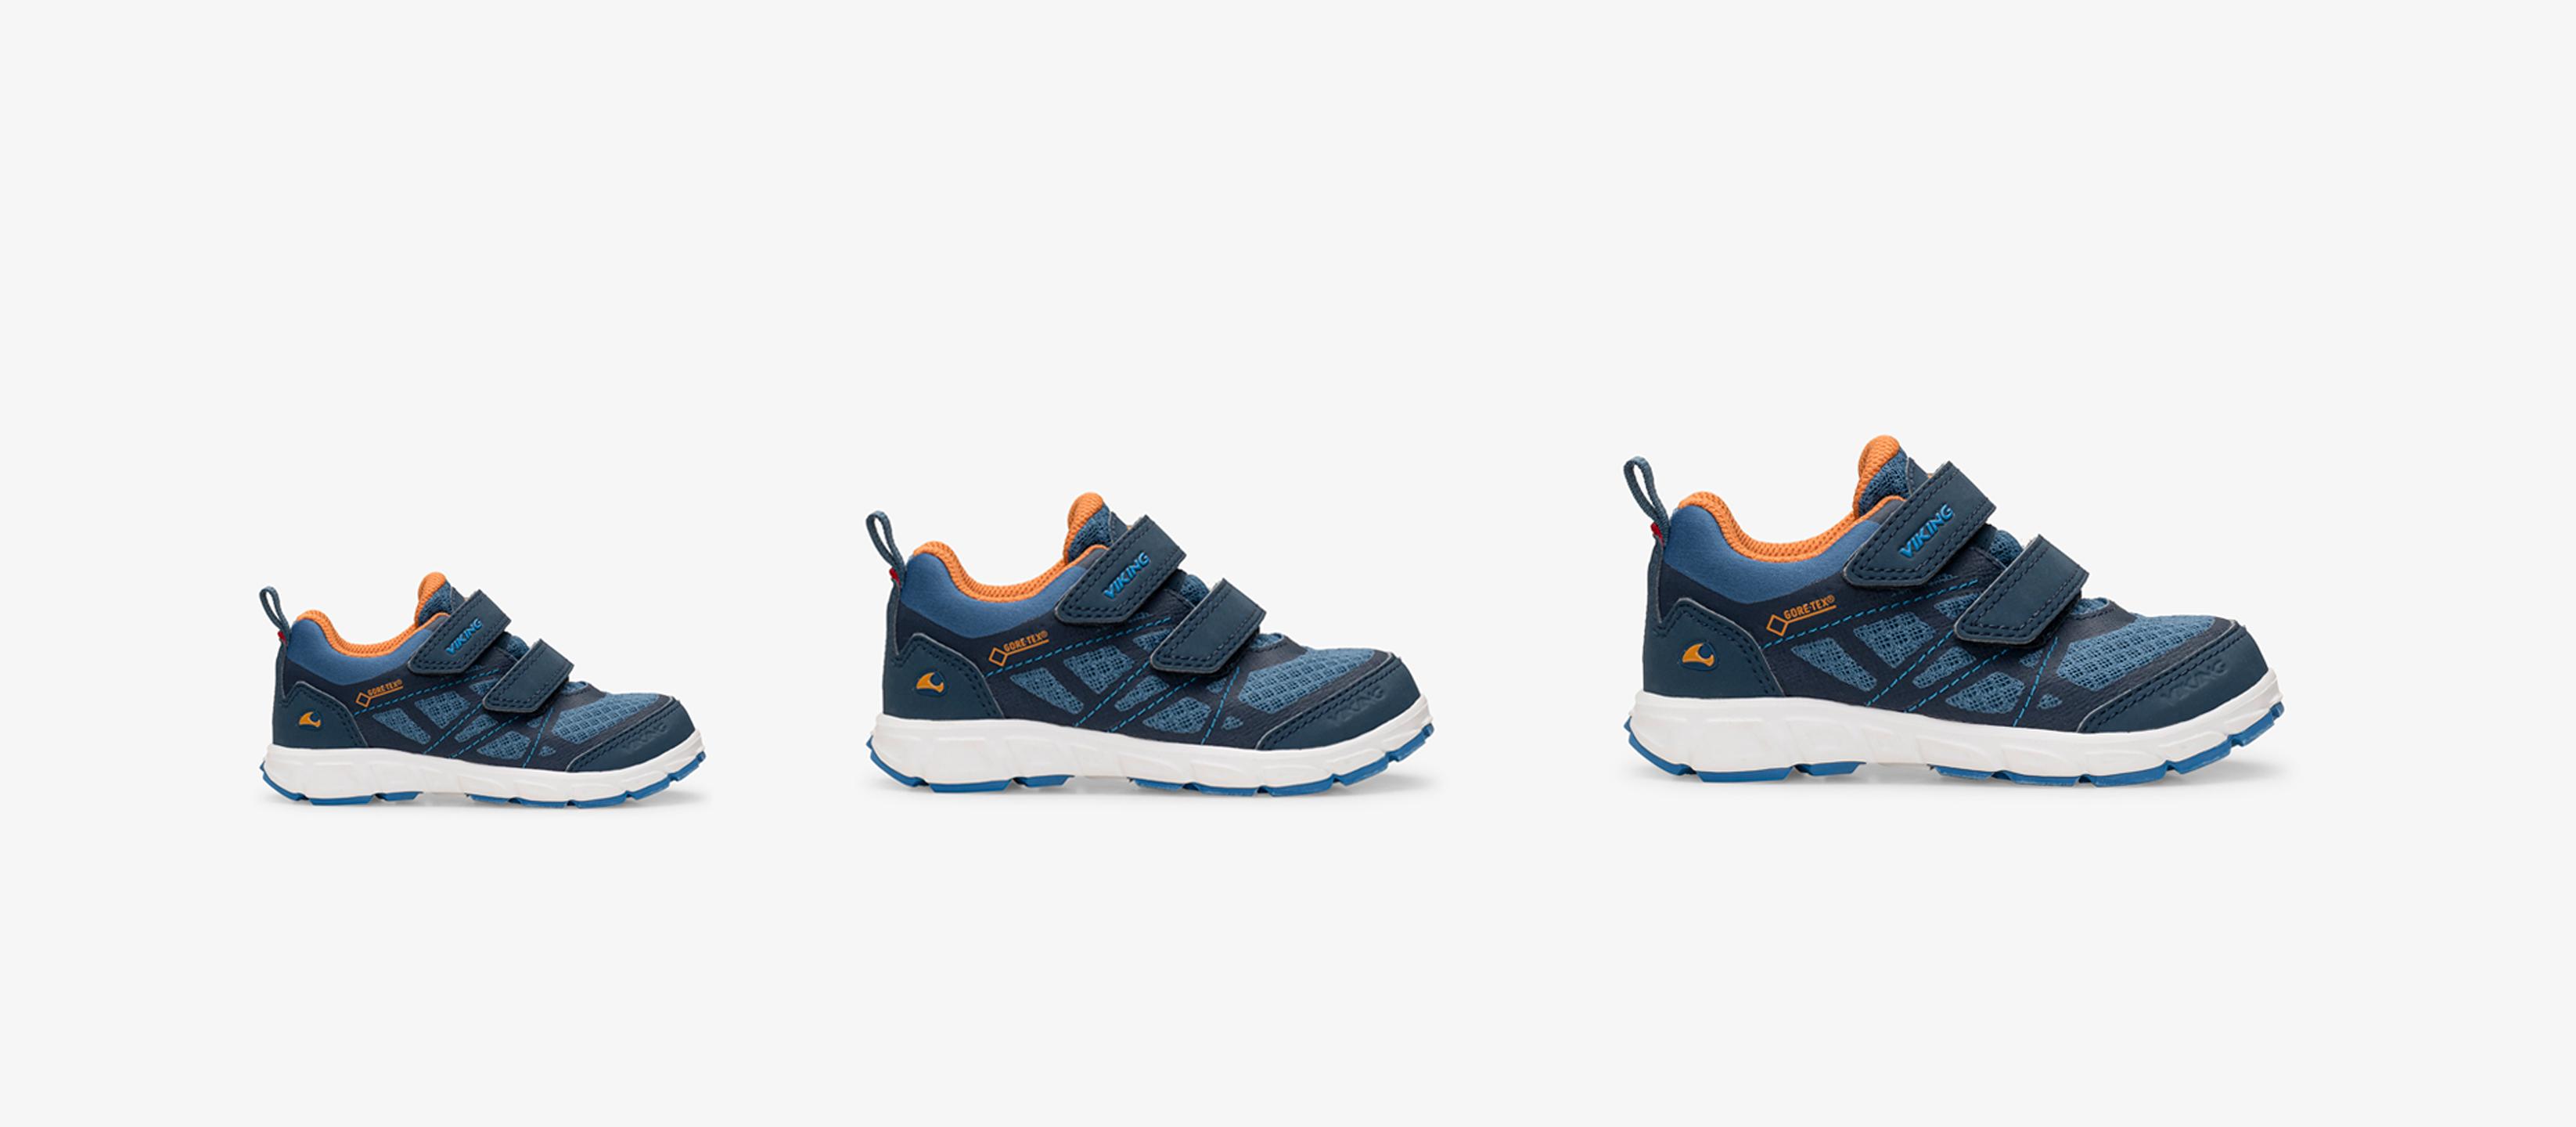 Blue kids shoes